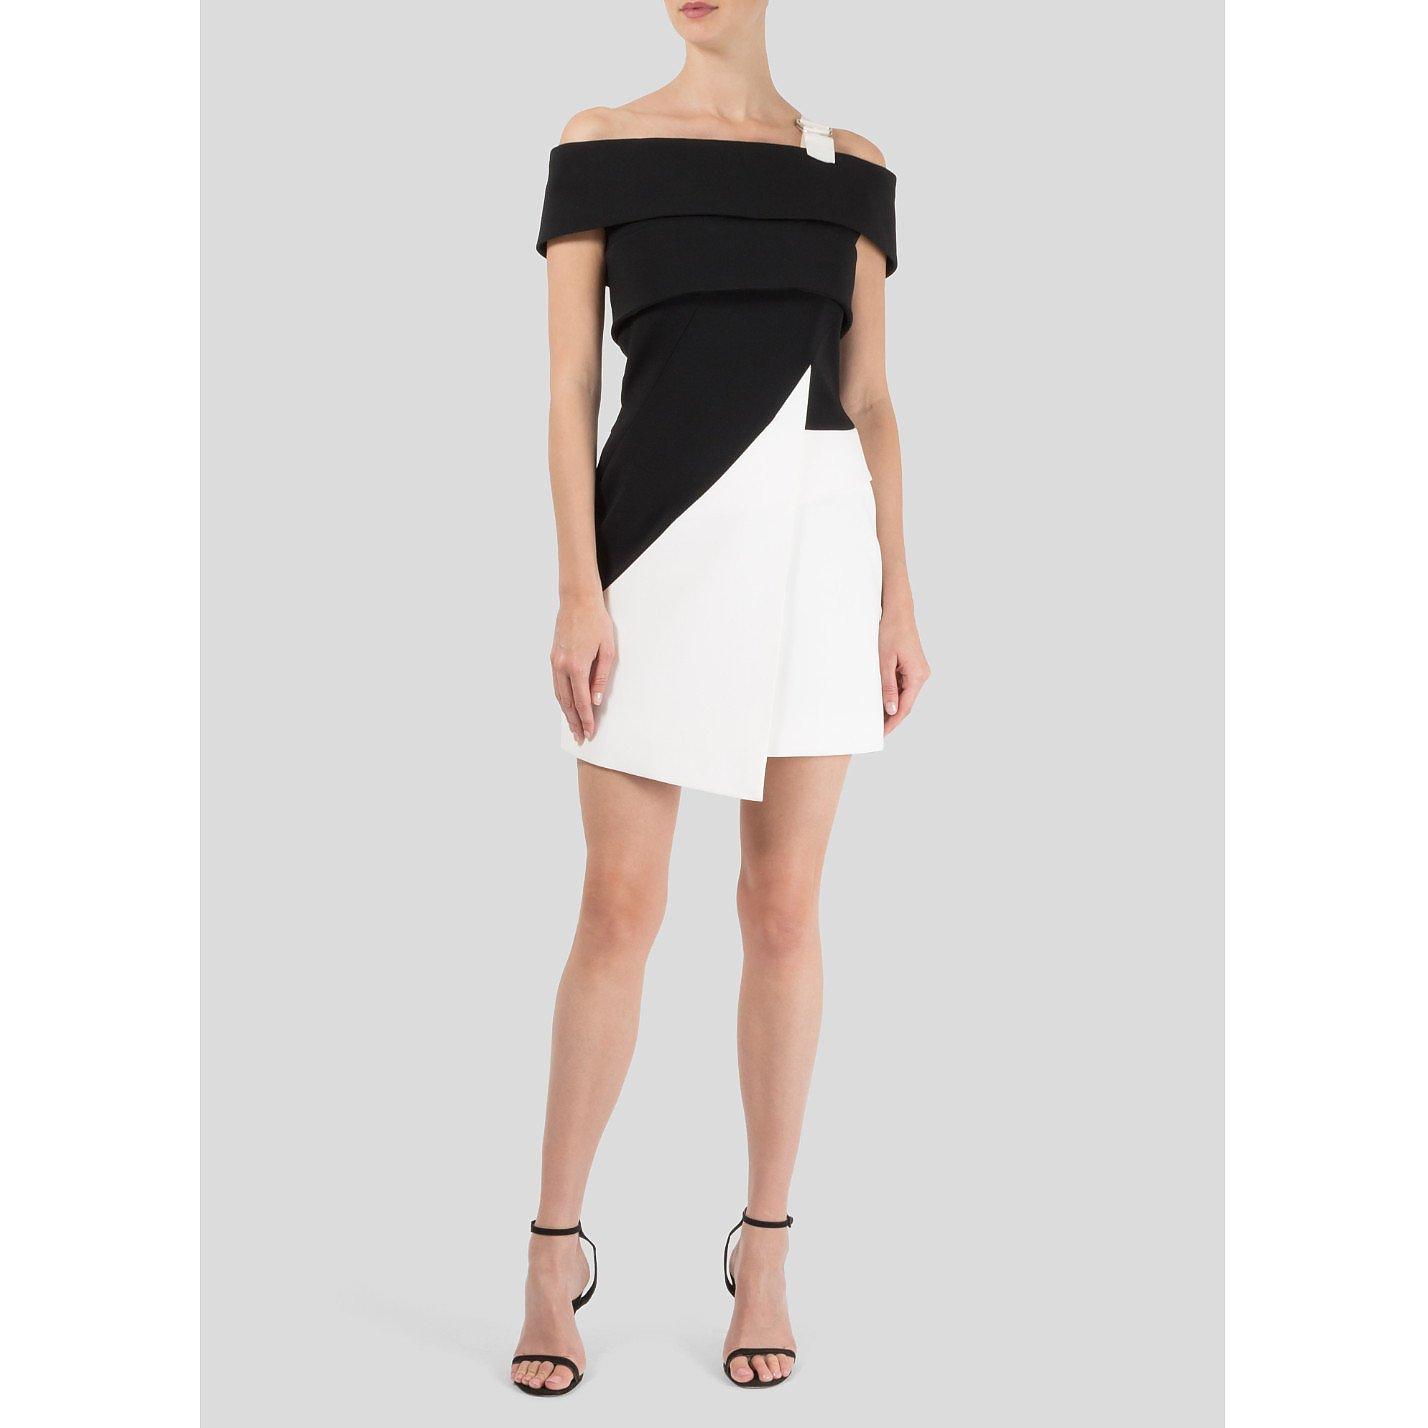 Mugler Off The Shoulder Monochrome Dress